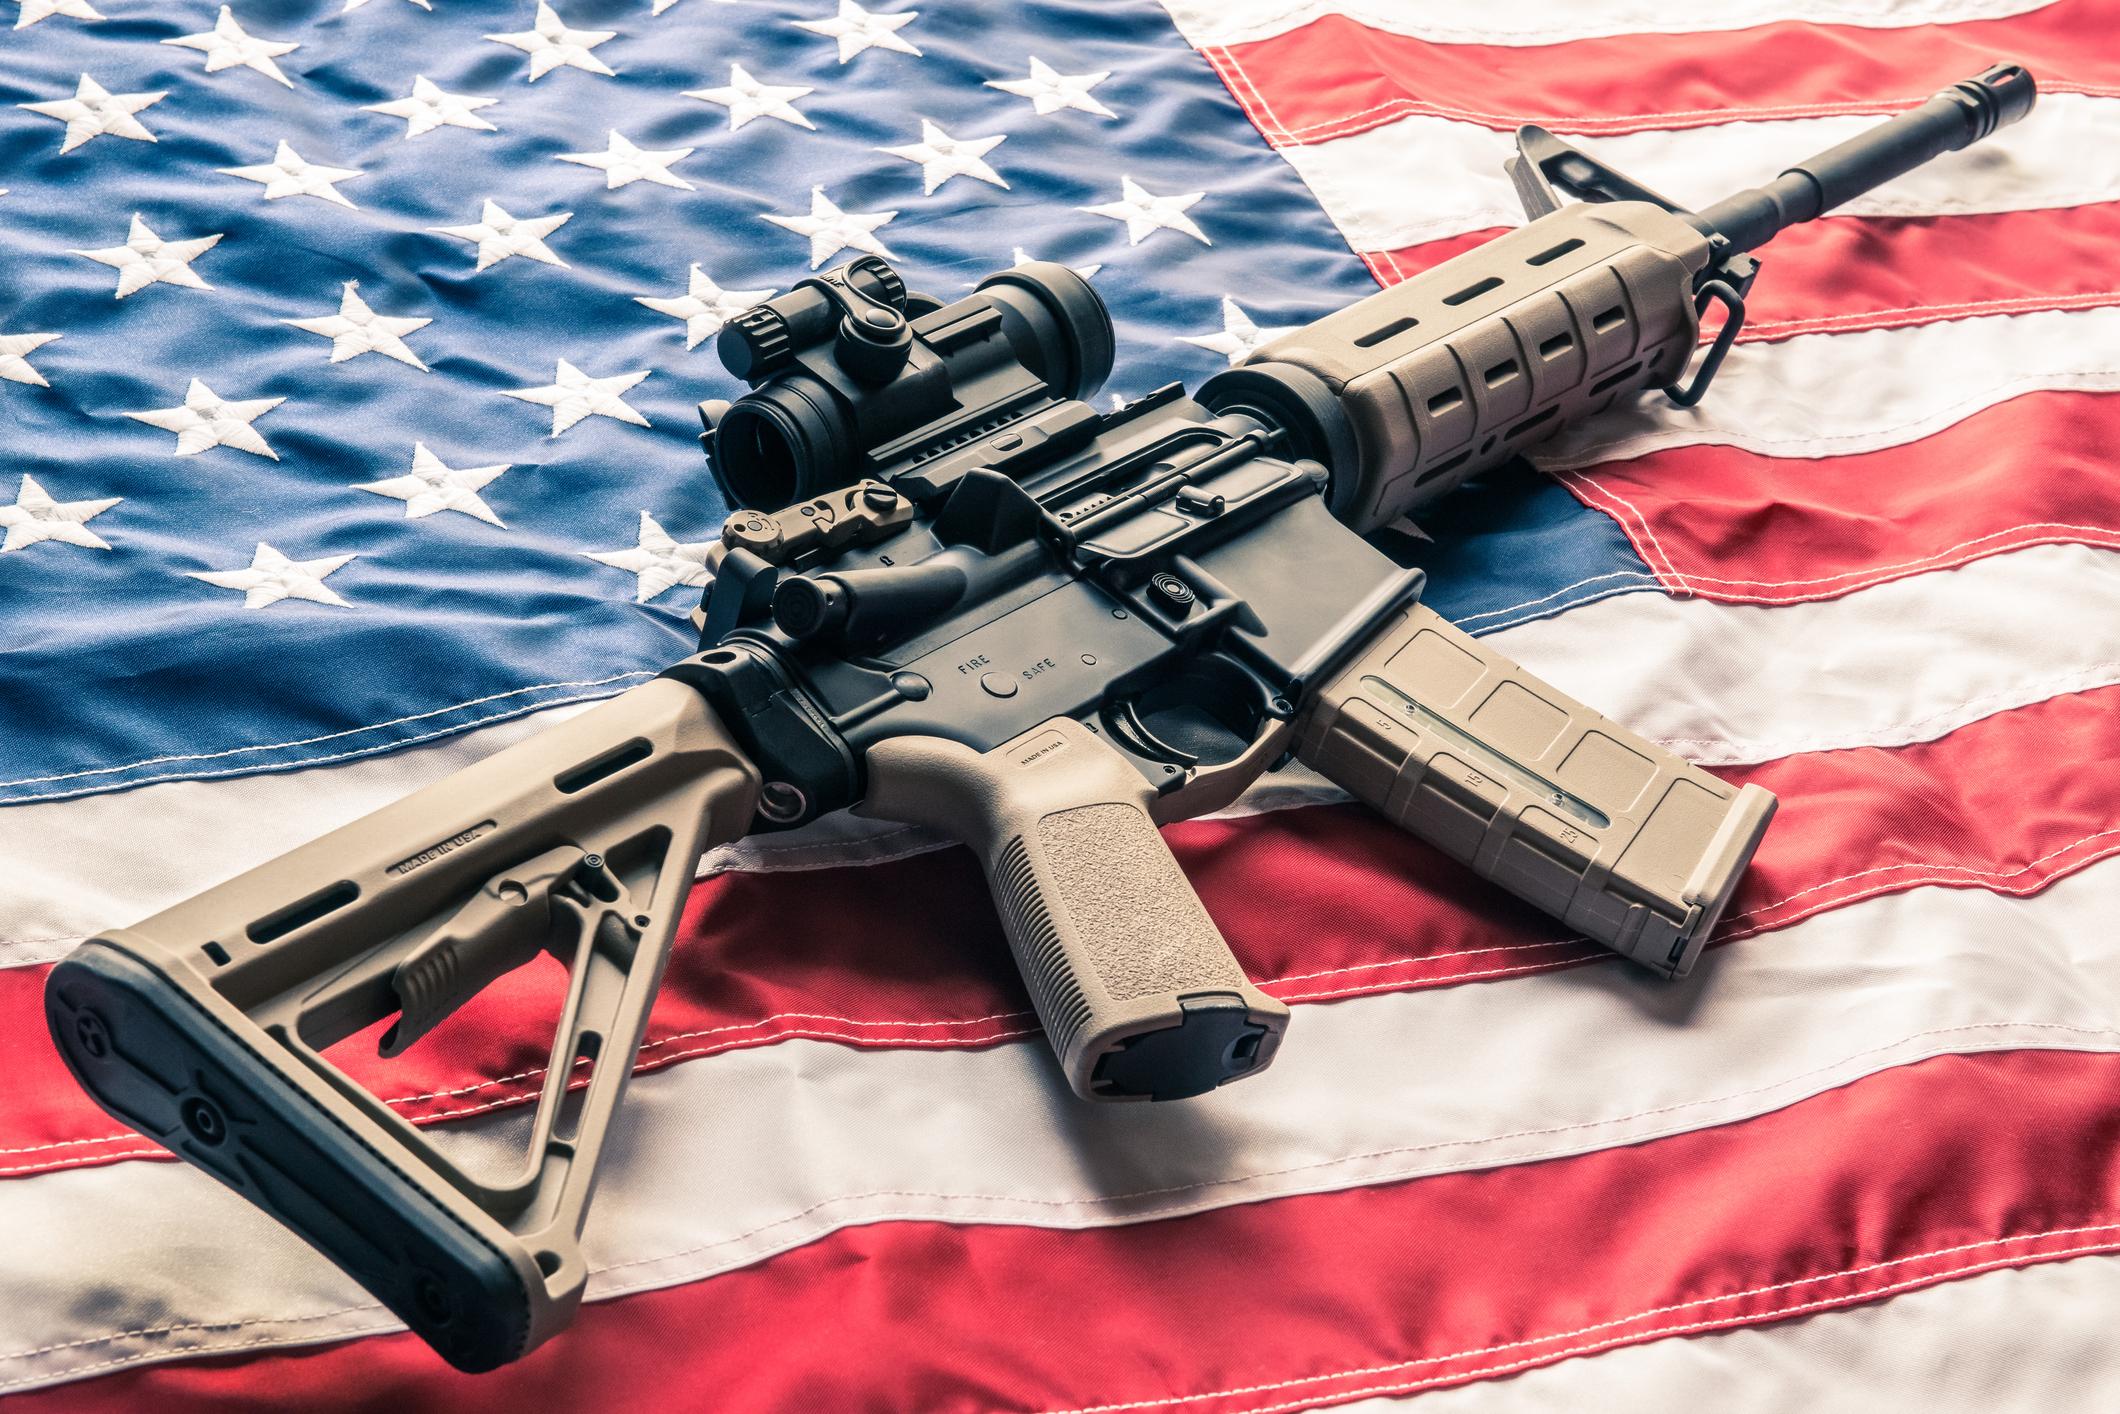 AR-15 on an American flag